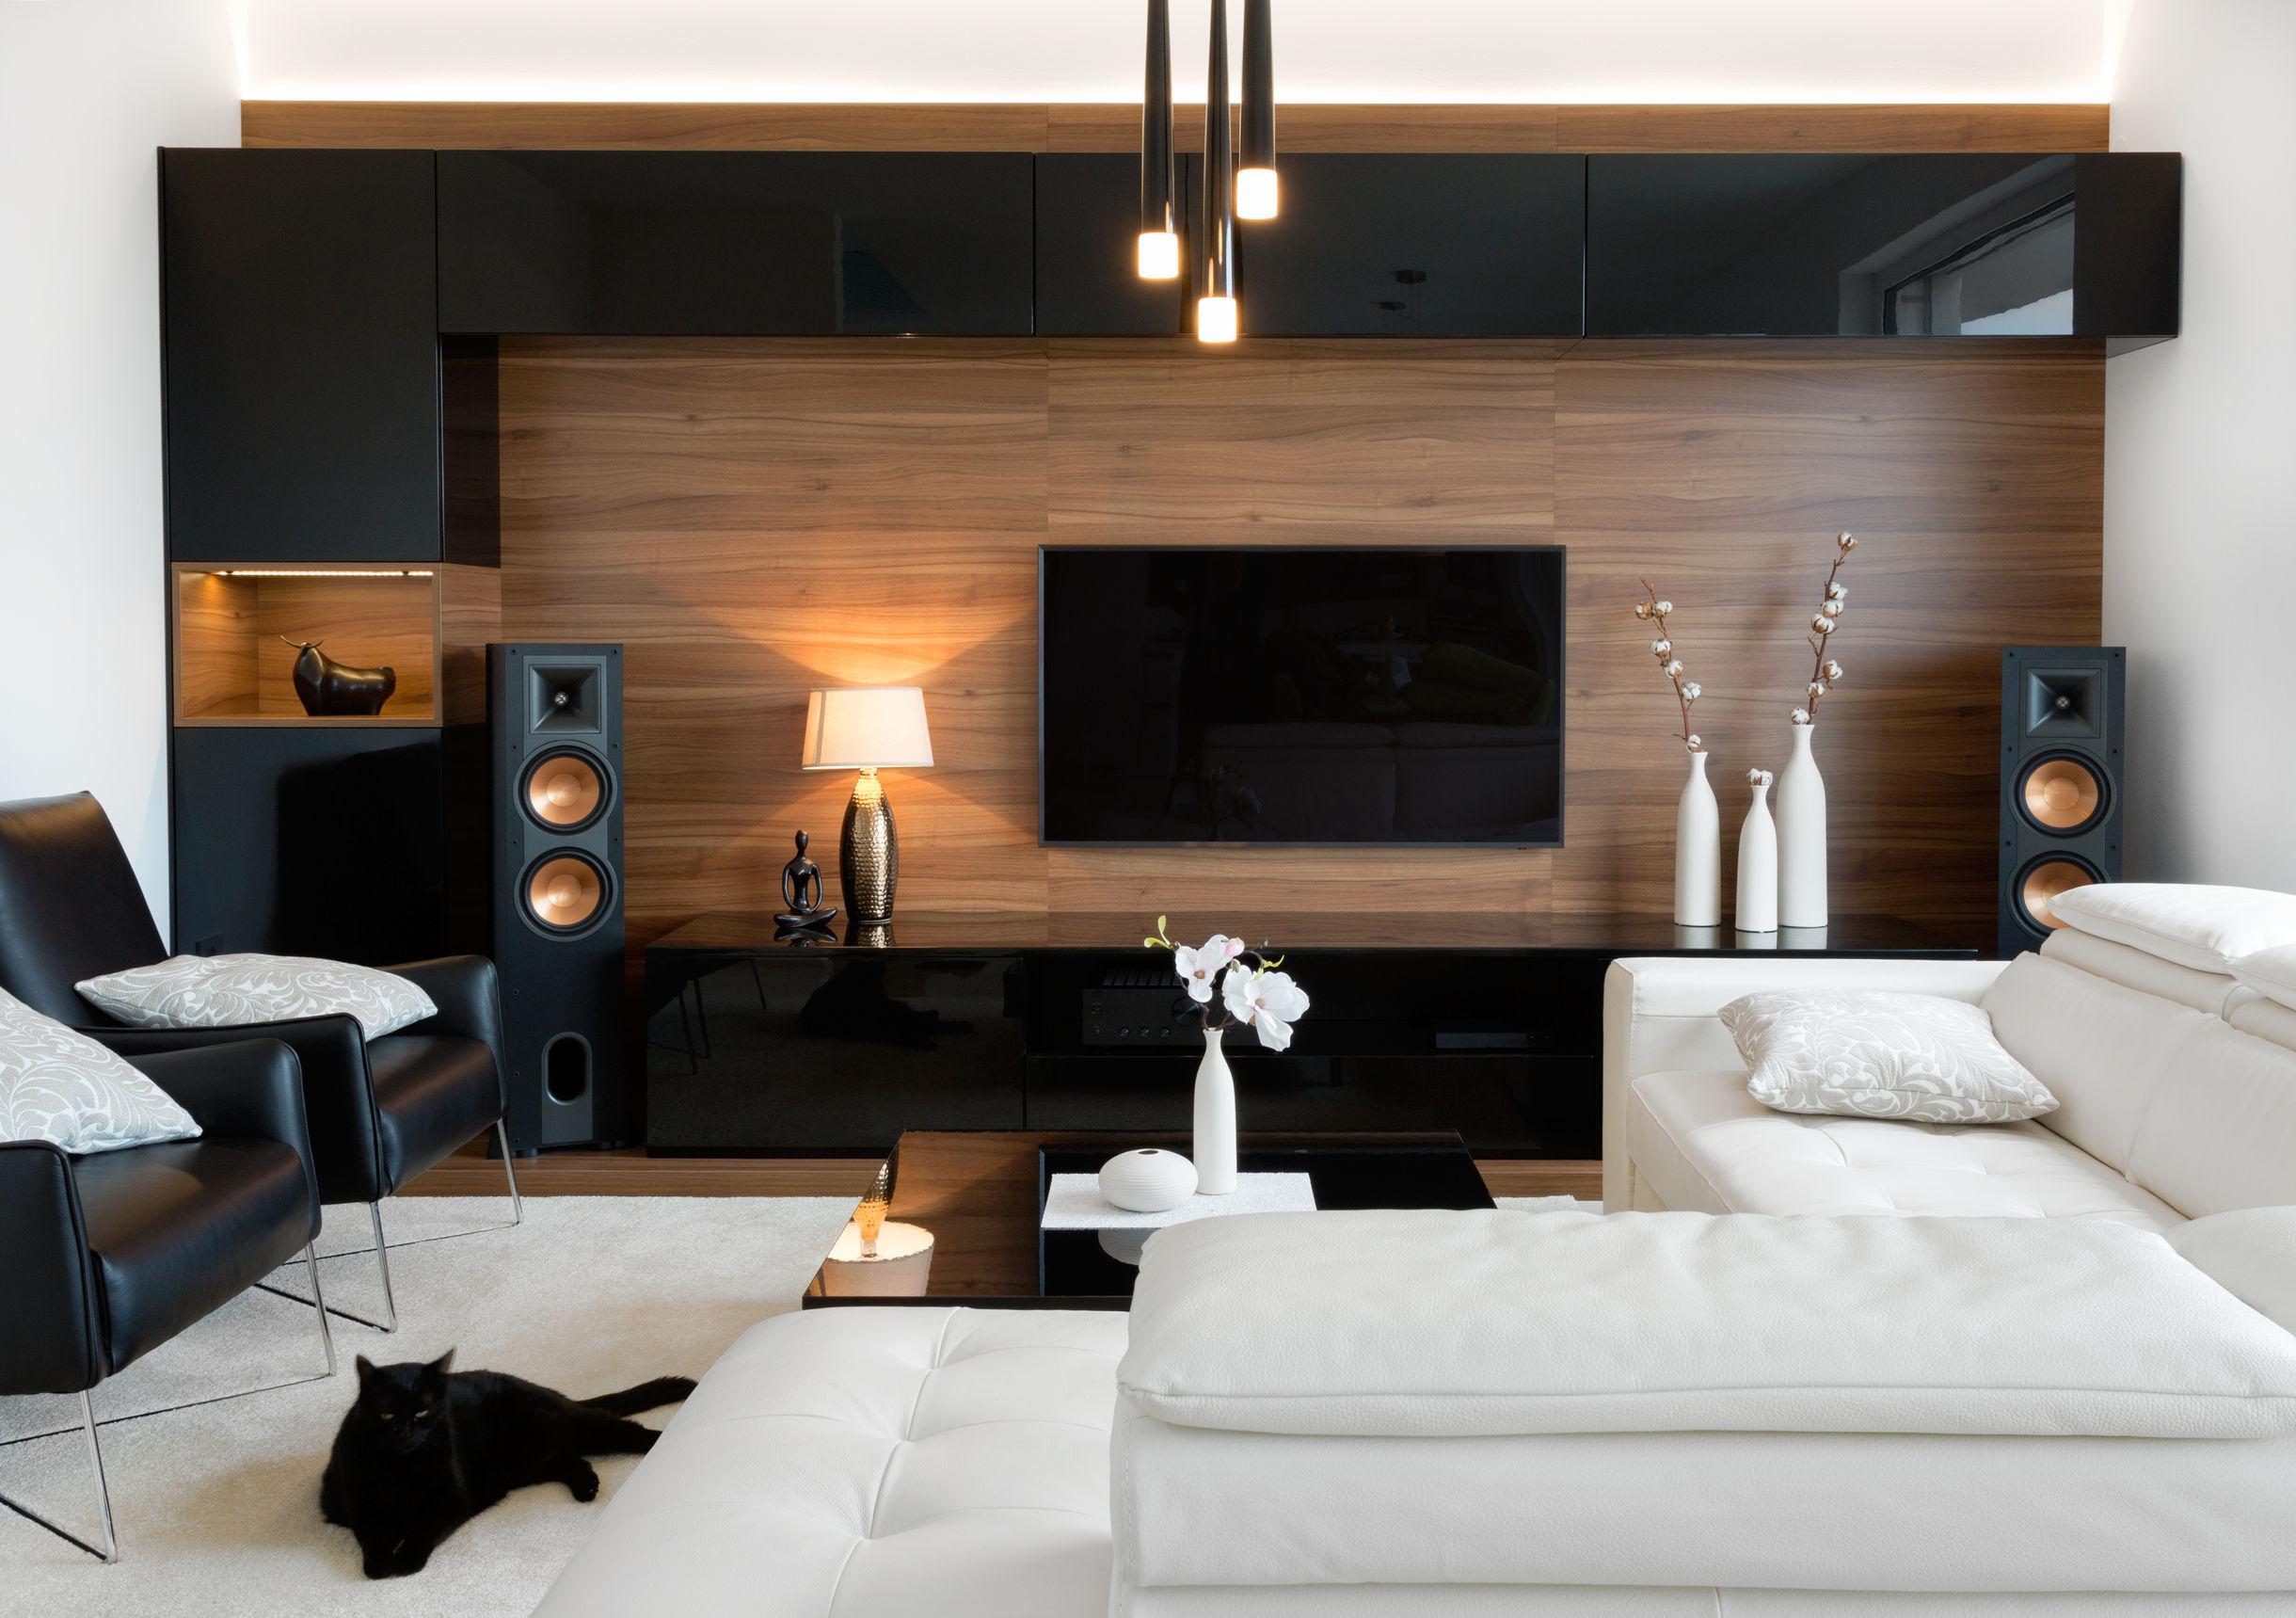 Interior moderno de la sala de estar del hogar real